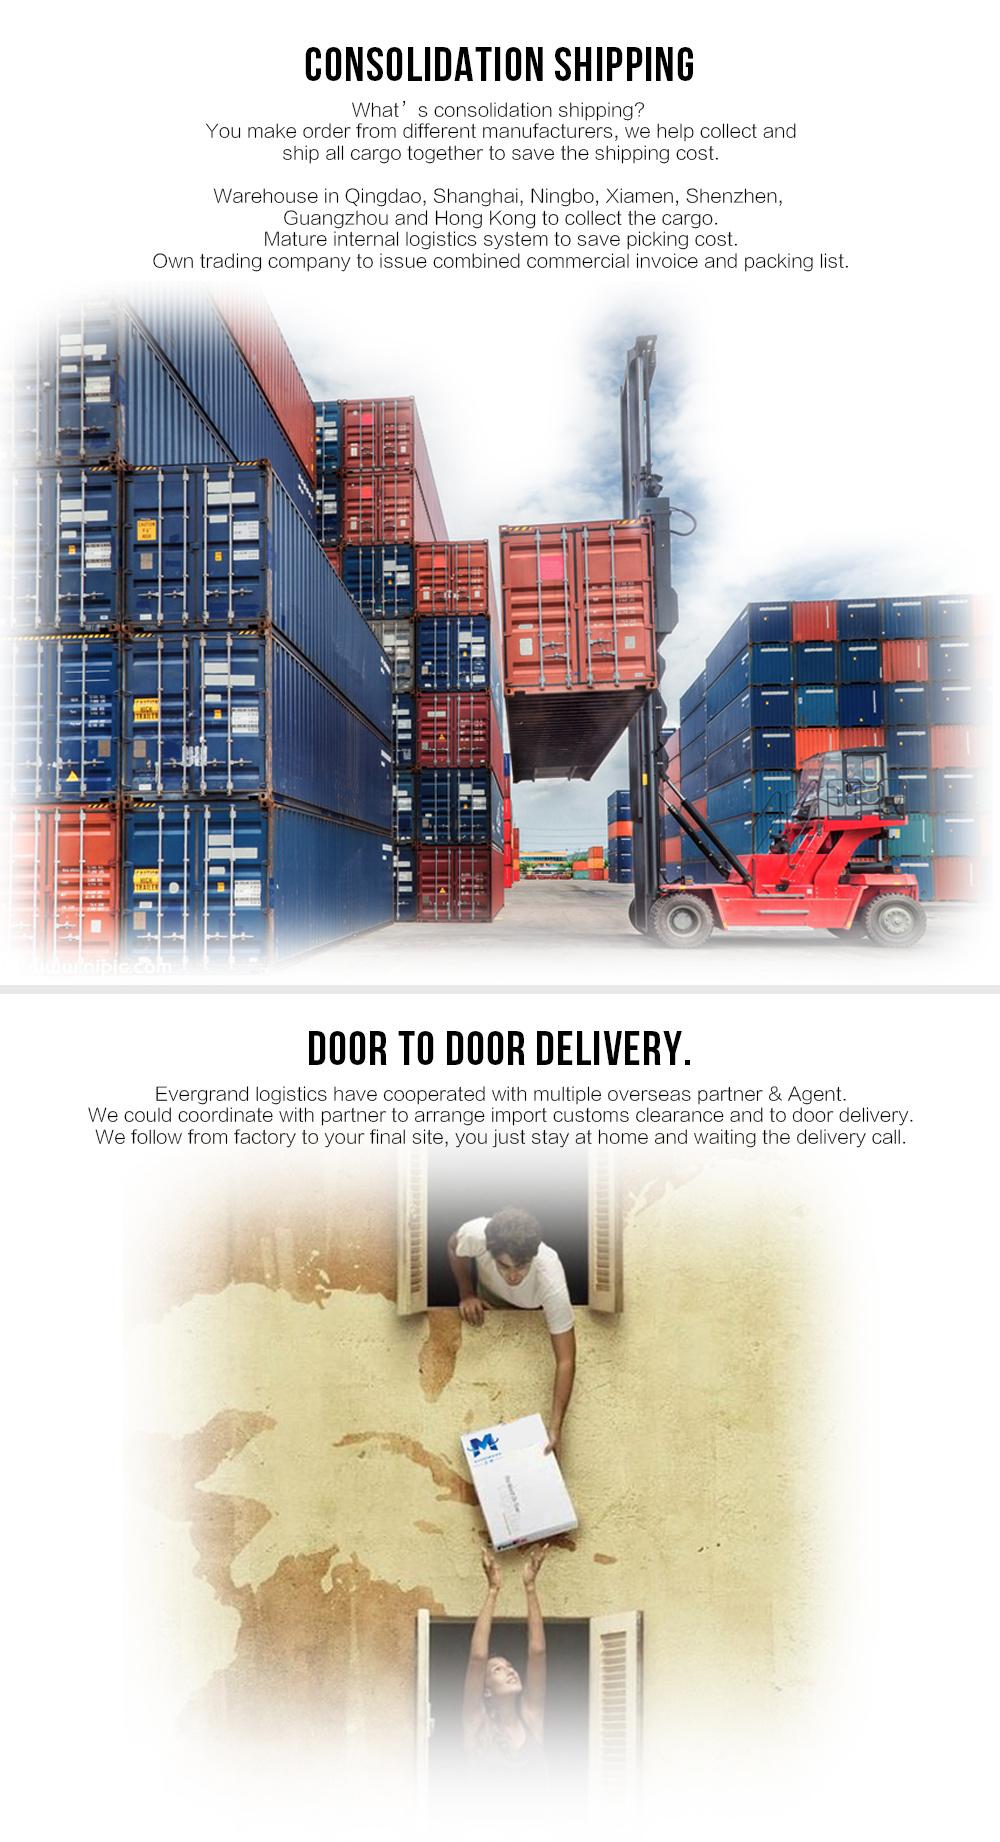 China Door to Door Shipping to Japan